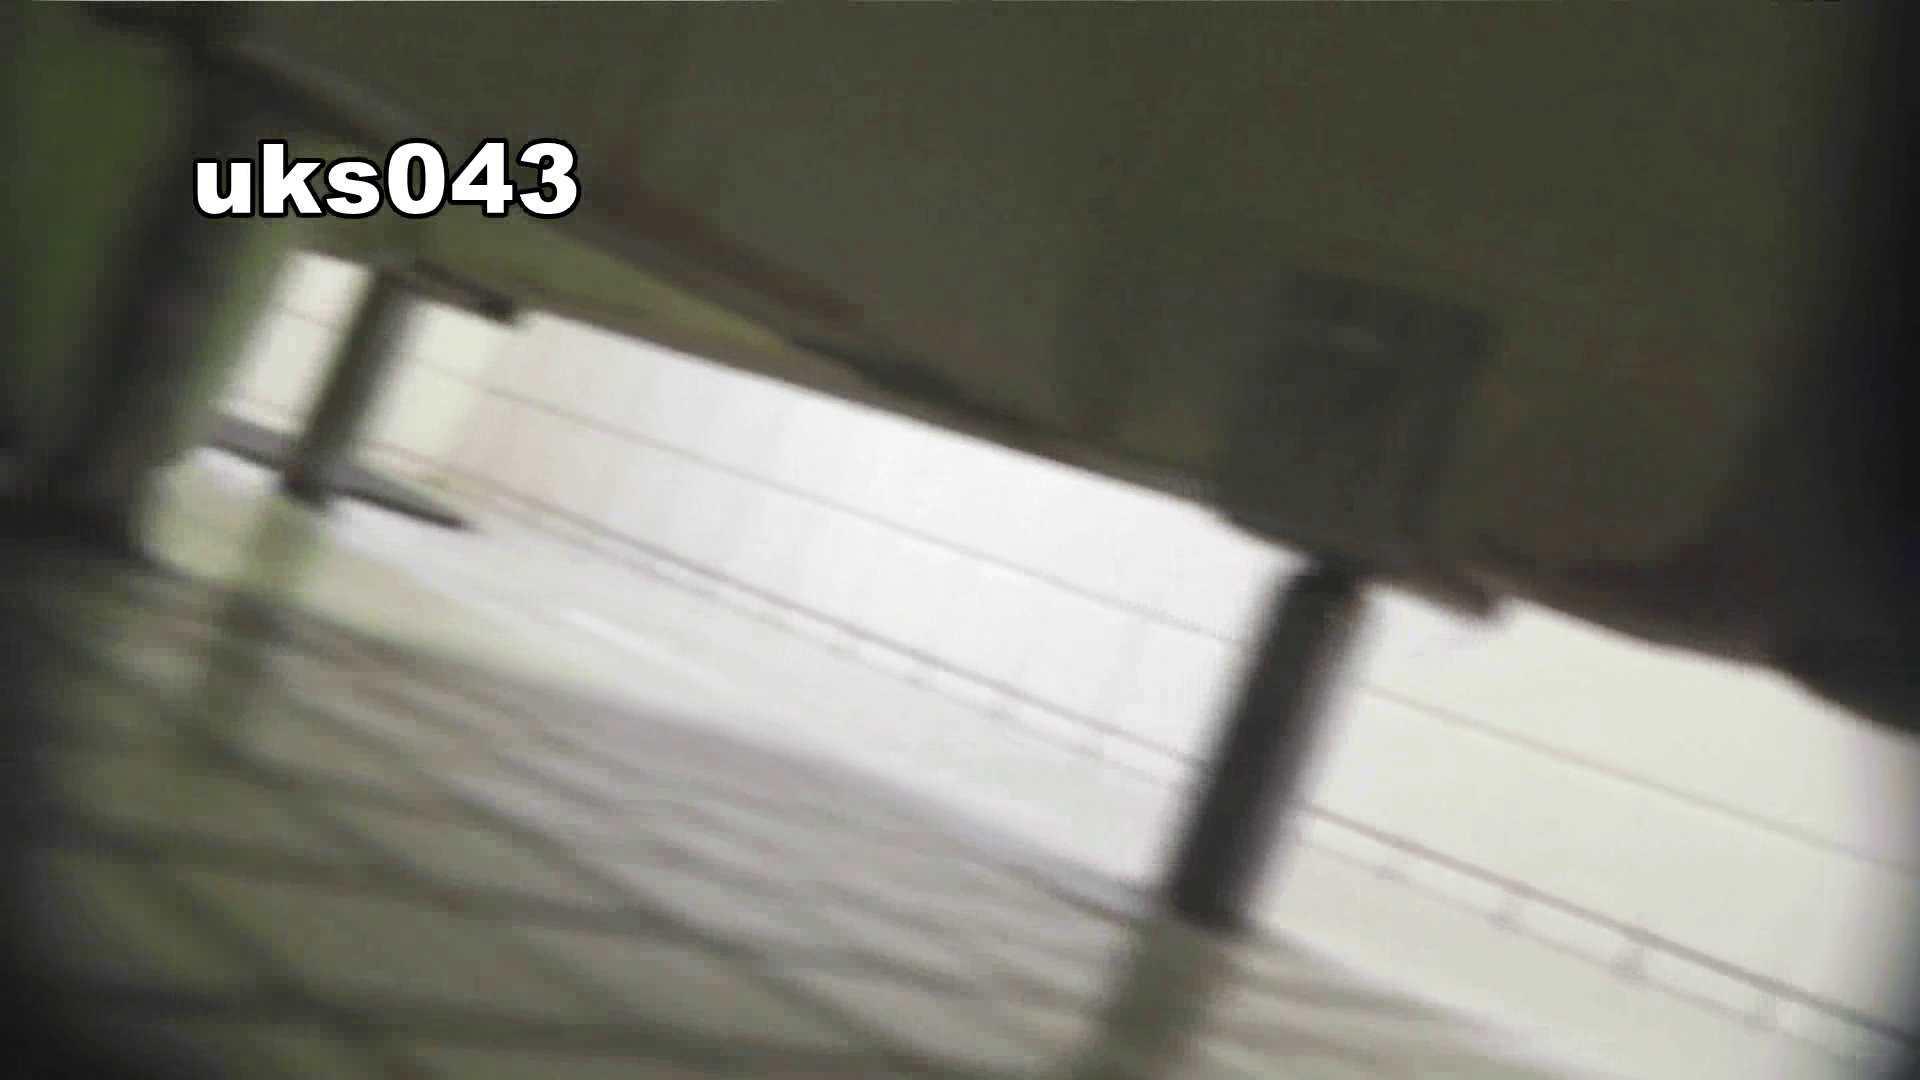 【美しき個室な世界】 vol.043 緊迫状況 OL女体  109連発 108